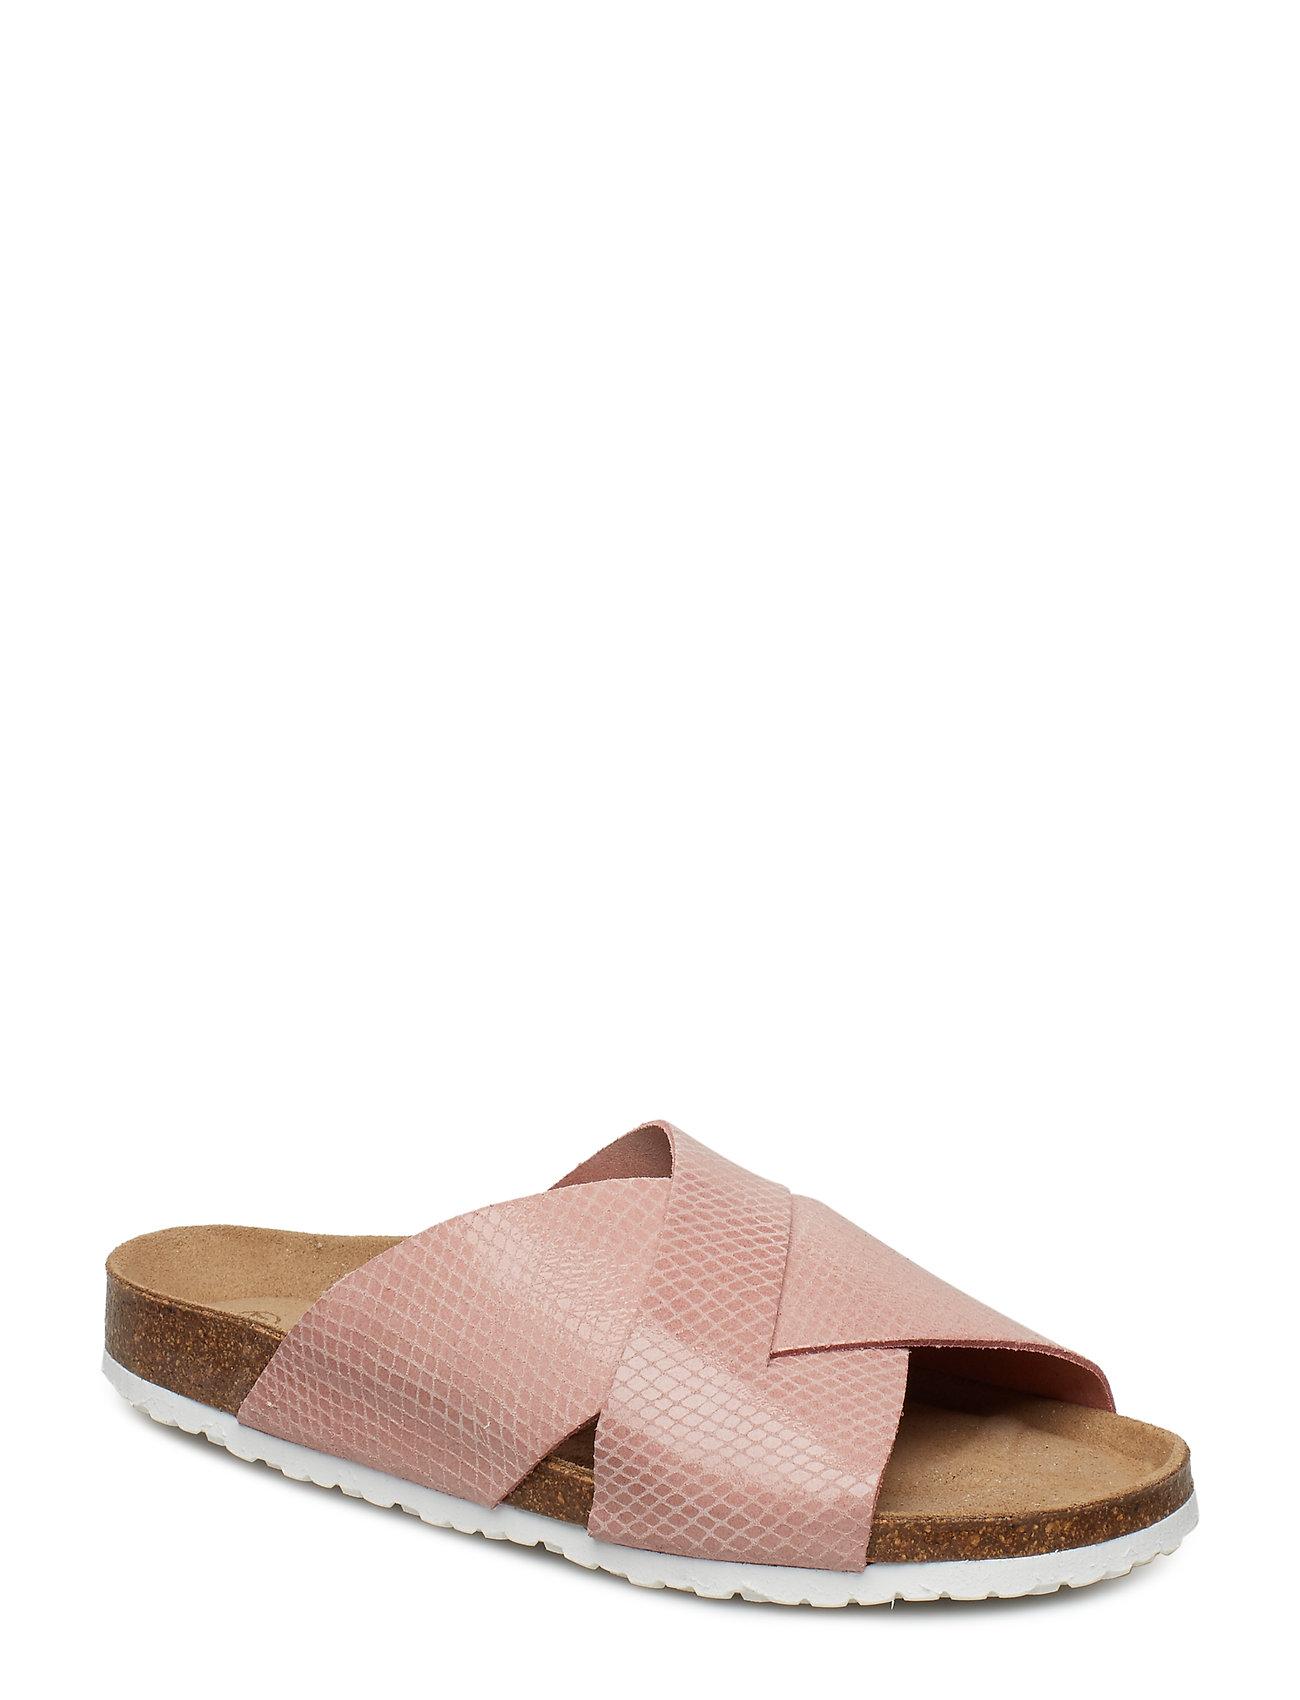 ed8abb60c6cc Runa Sandal flade sandaler fra Cream til dame i CHALK - Pashion.dk